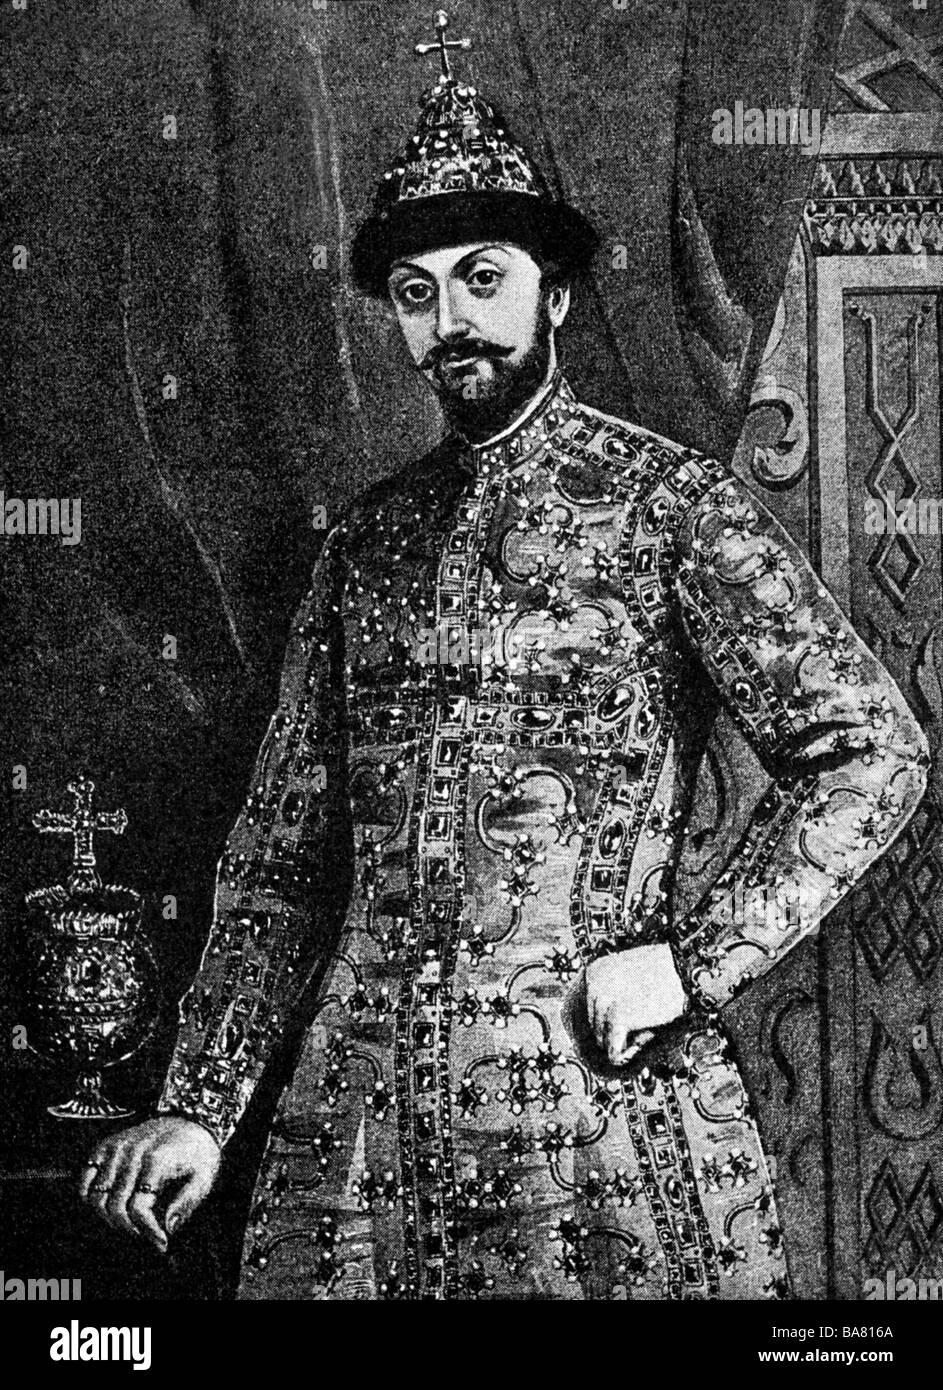 Feodor III Alexeevich, 30.5.1661 - 27.4.1682, Tsar af tutti Russia dal 29.1.1676, a mezza lunghezza e dopo la pittura presso la Galleria di Romanov, San Pietroburgo, artista del diritto d'autore non deve essere cancellata Foto Stock